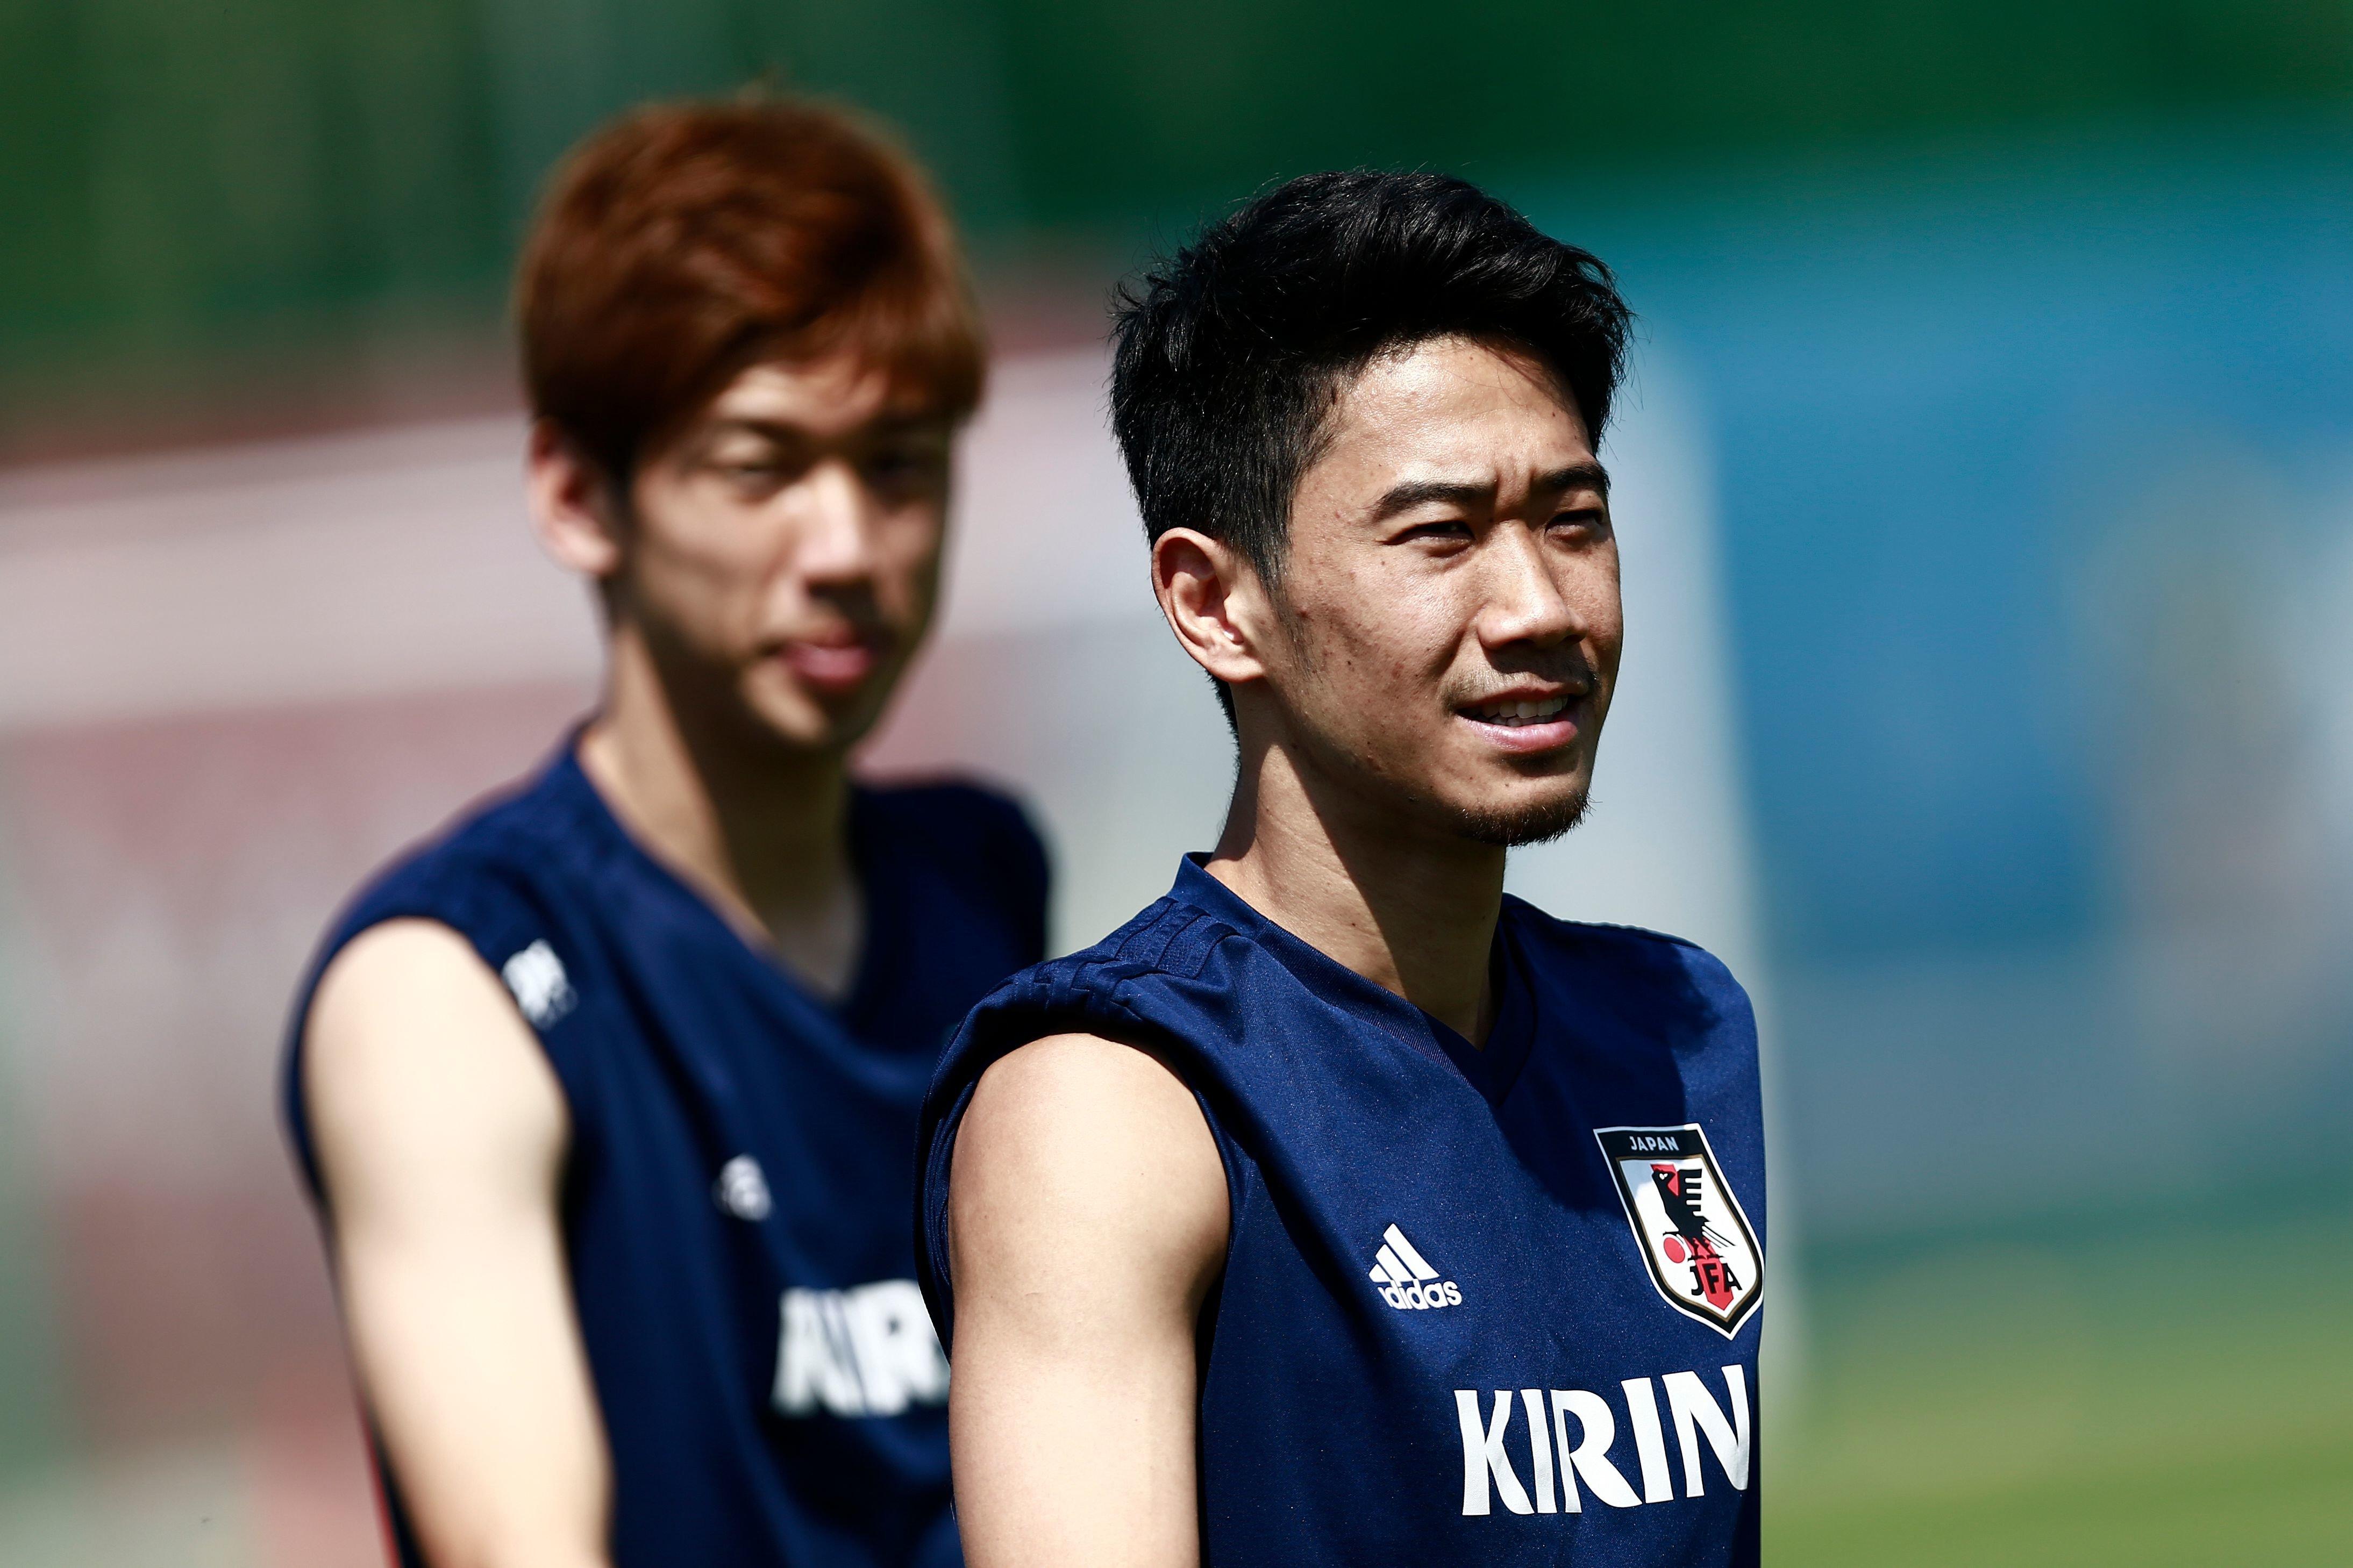 일본 선수들이 '한국-독일전' 보고 느낀 점을 밝혔다